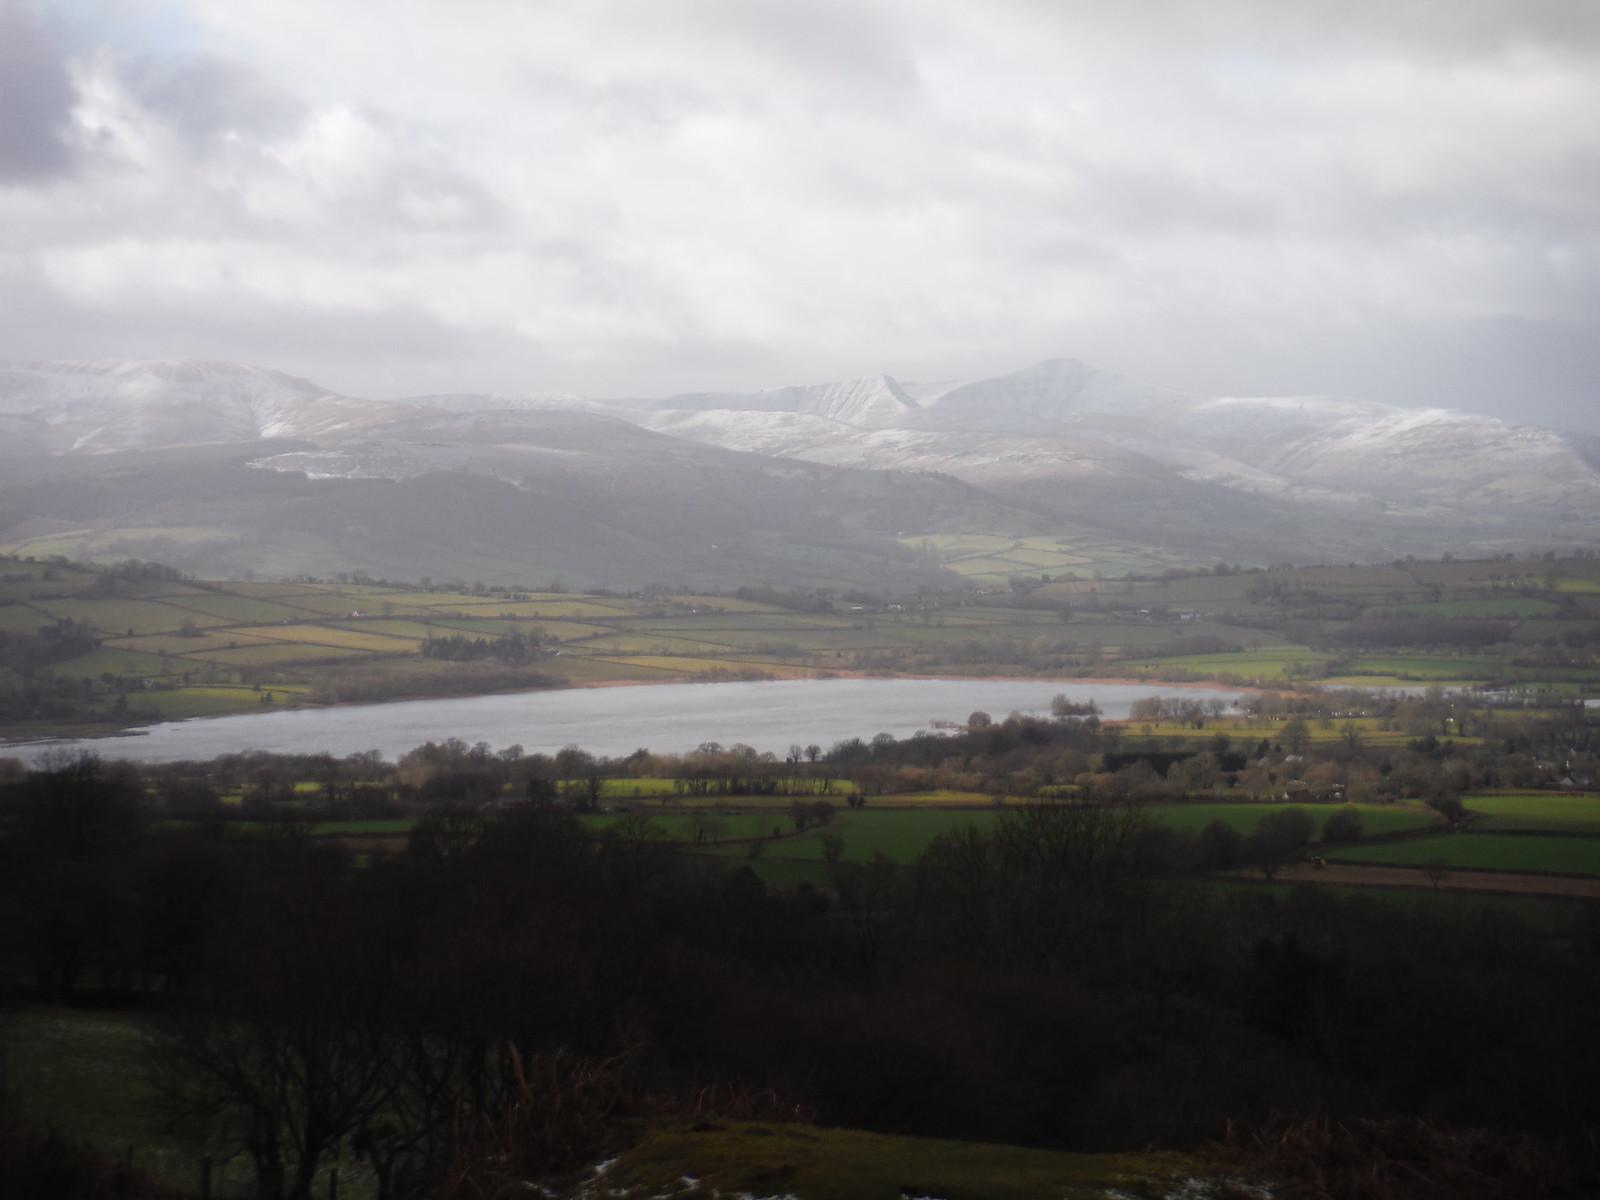 Lake Llangorse and Central Beacons from Mynydd Llangorse SWC Walk 308 - Bwlch Circular (via Mynydd Troed and Llangorse Lake)